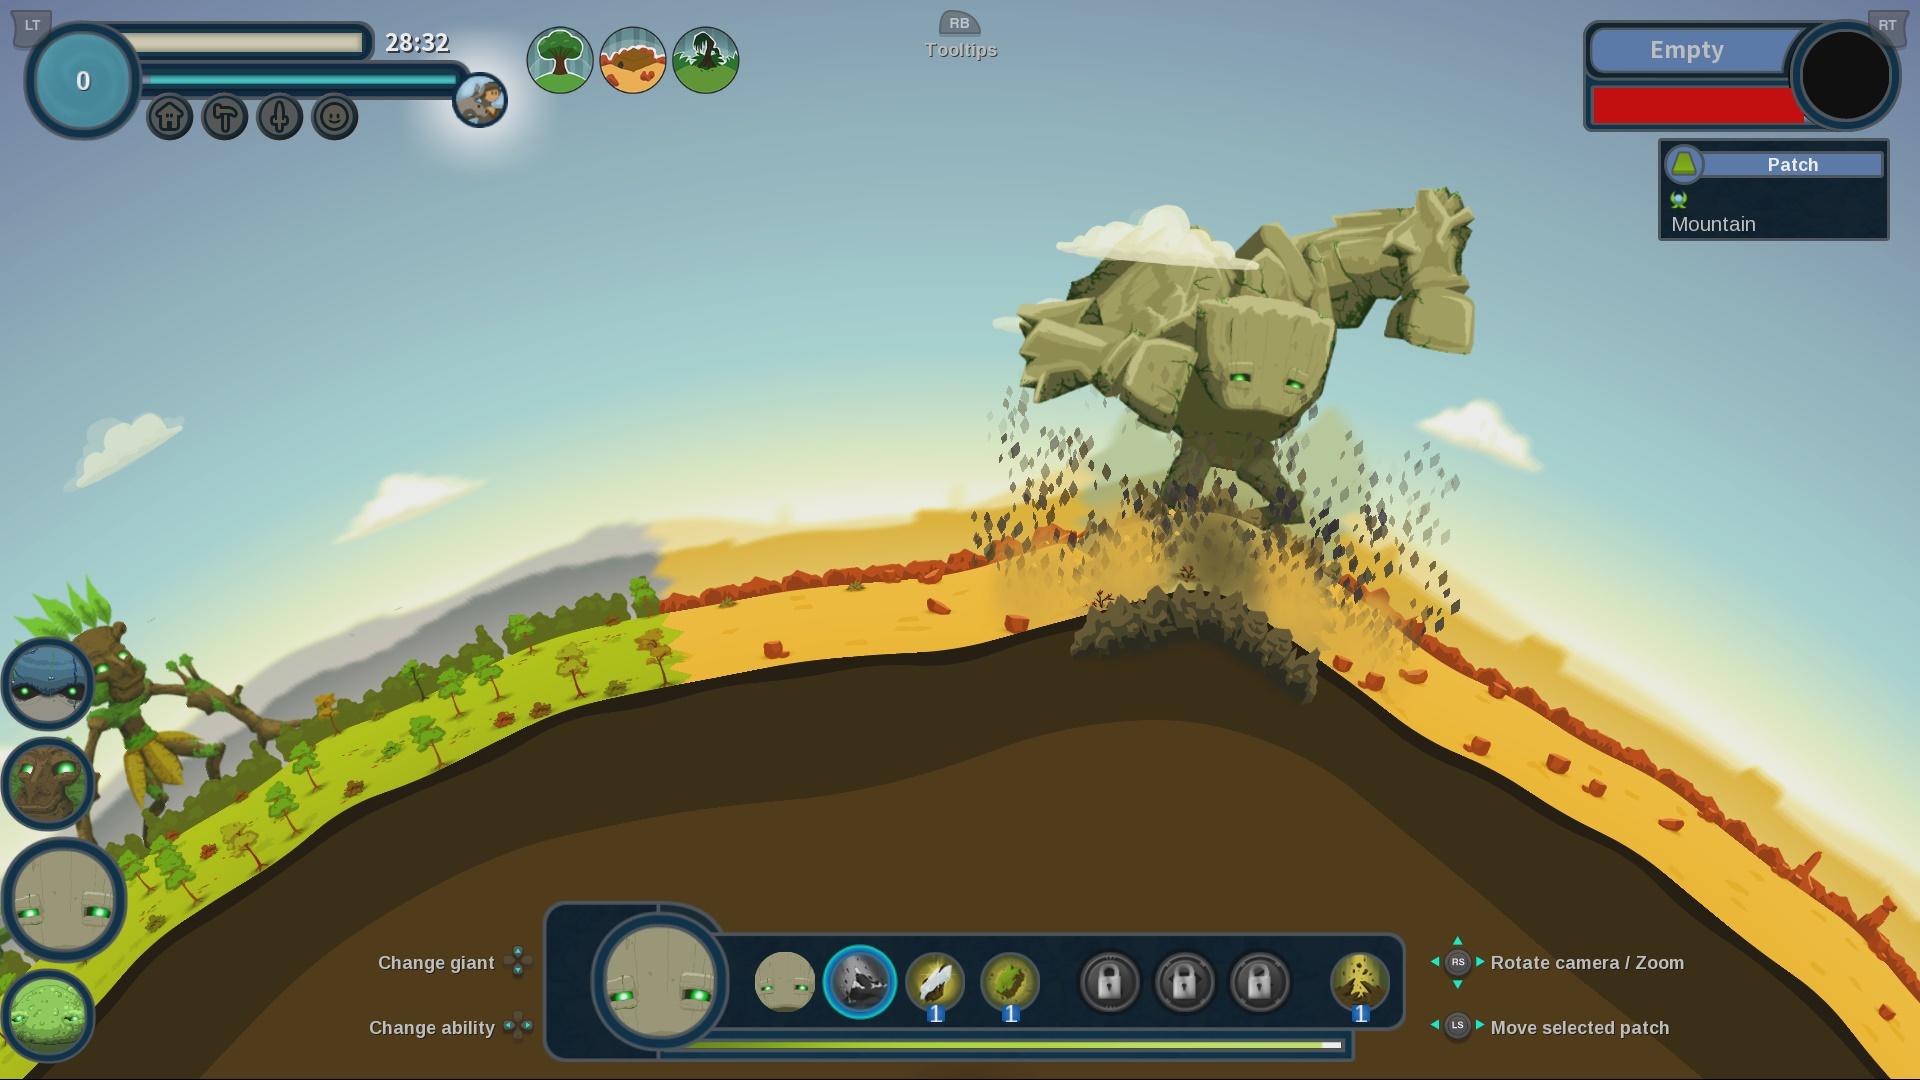 Reus Incarnez 4 Gants Et Dominez Le Monde Dans Ce Nouveau Jeu Ind Xbox One Xboxygen